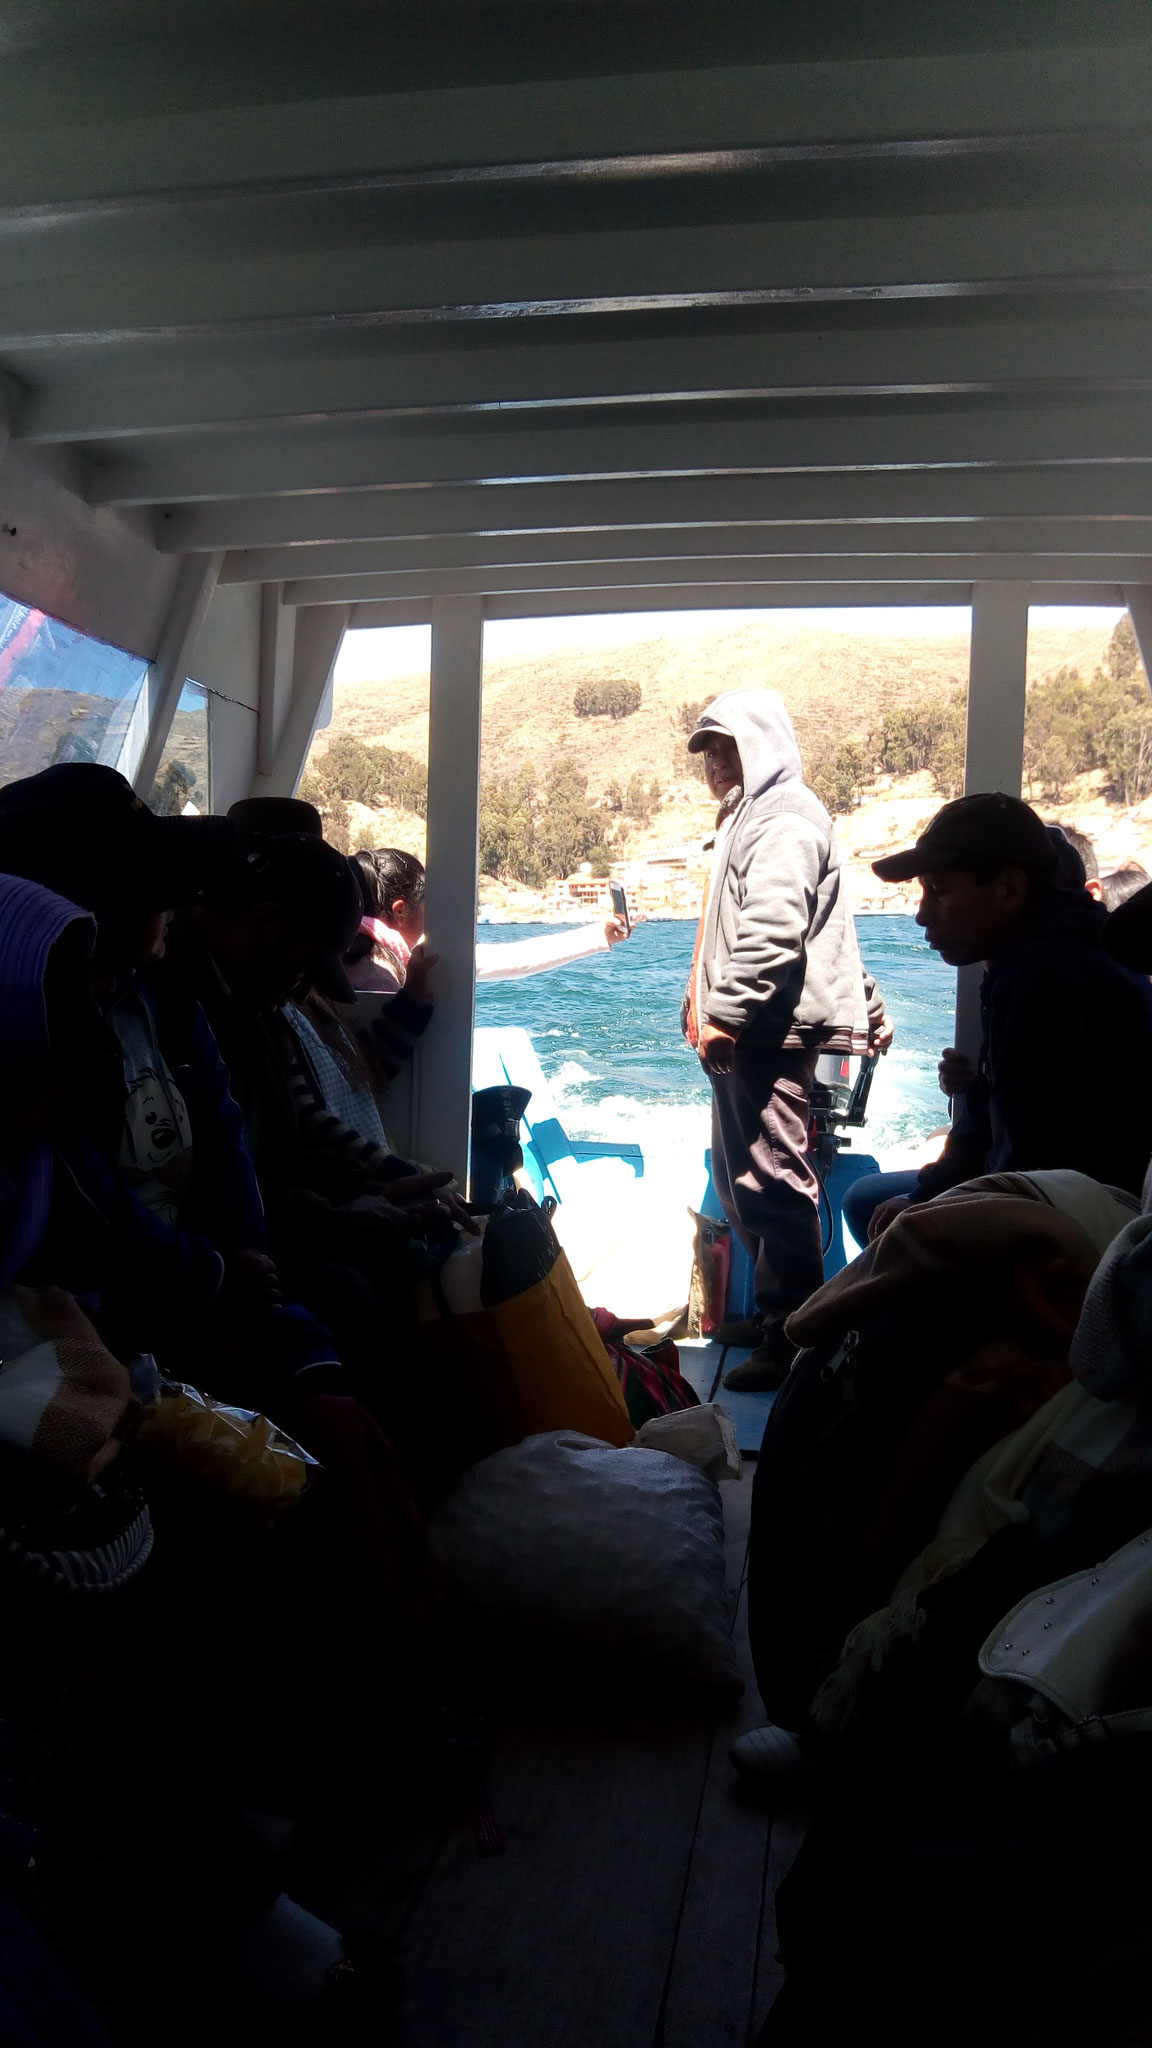 Dans le bateau pour rejoindre l'autre côté de la rive et récupérer le bus, sur le chemin de La Paz